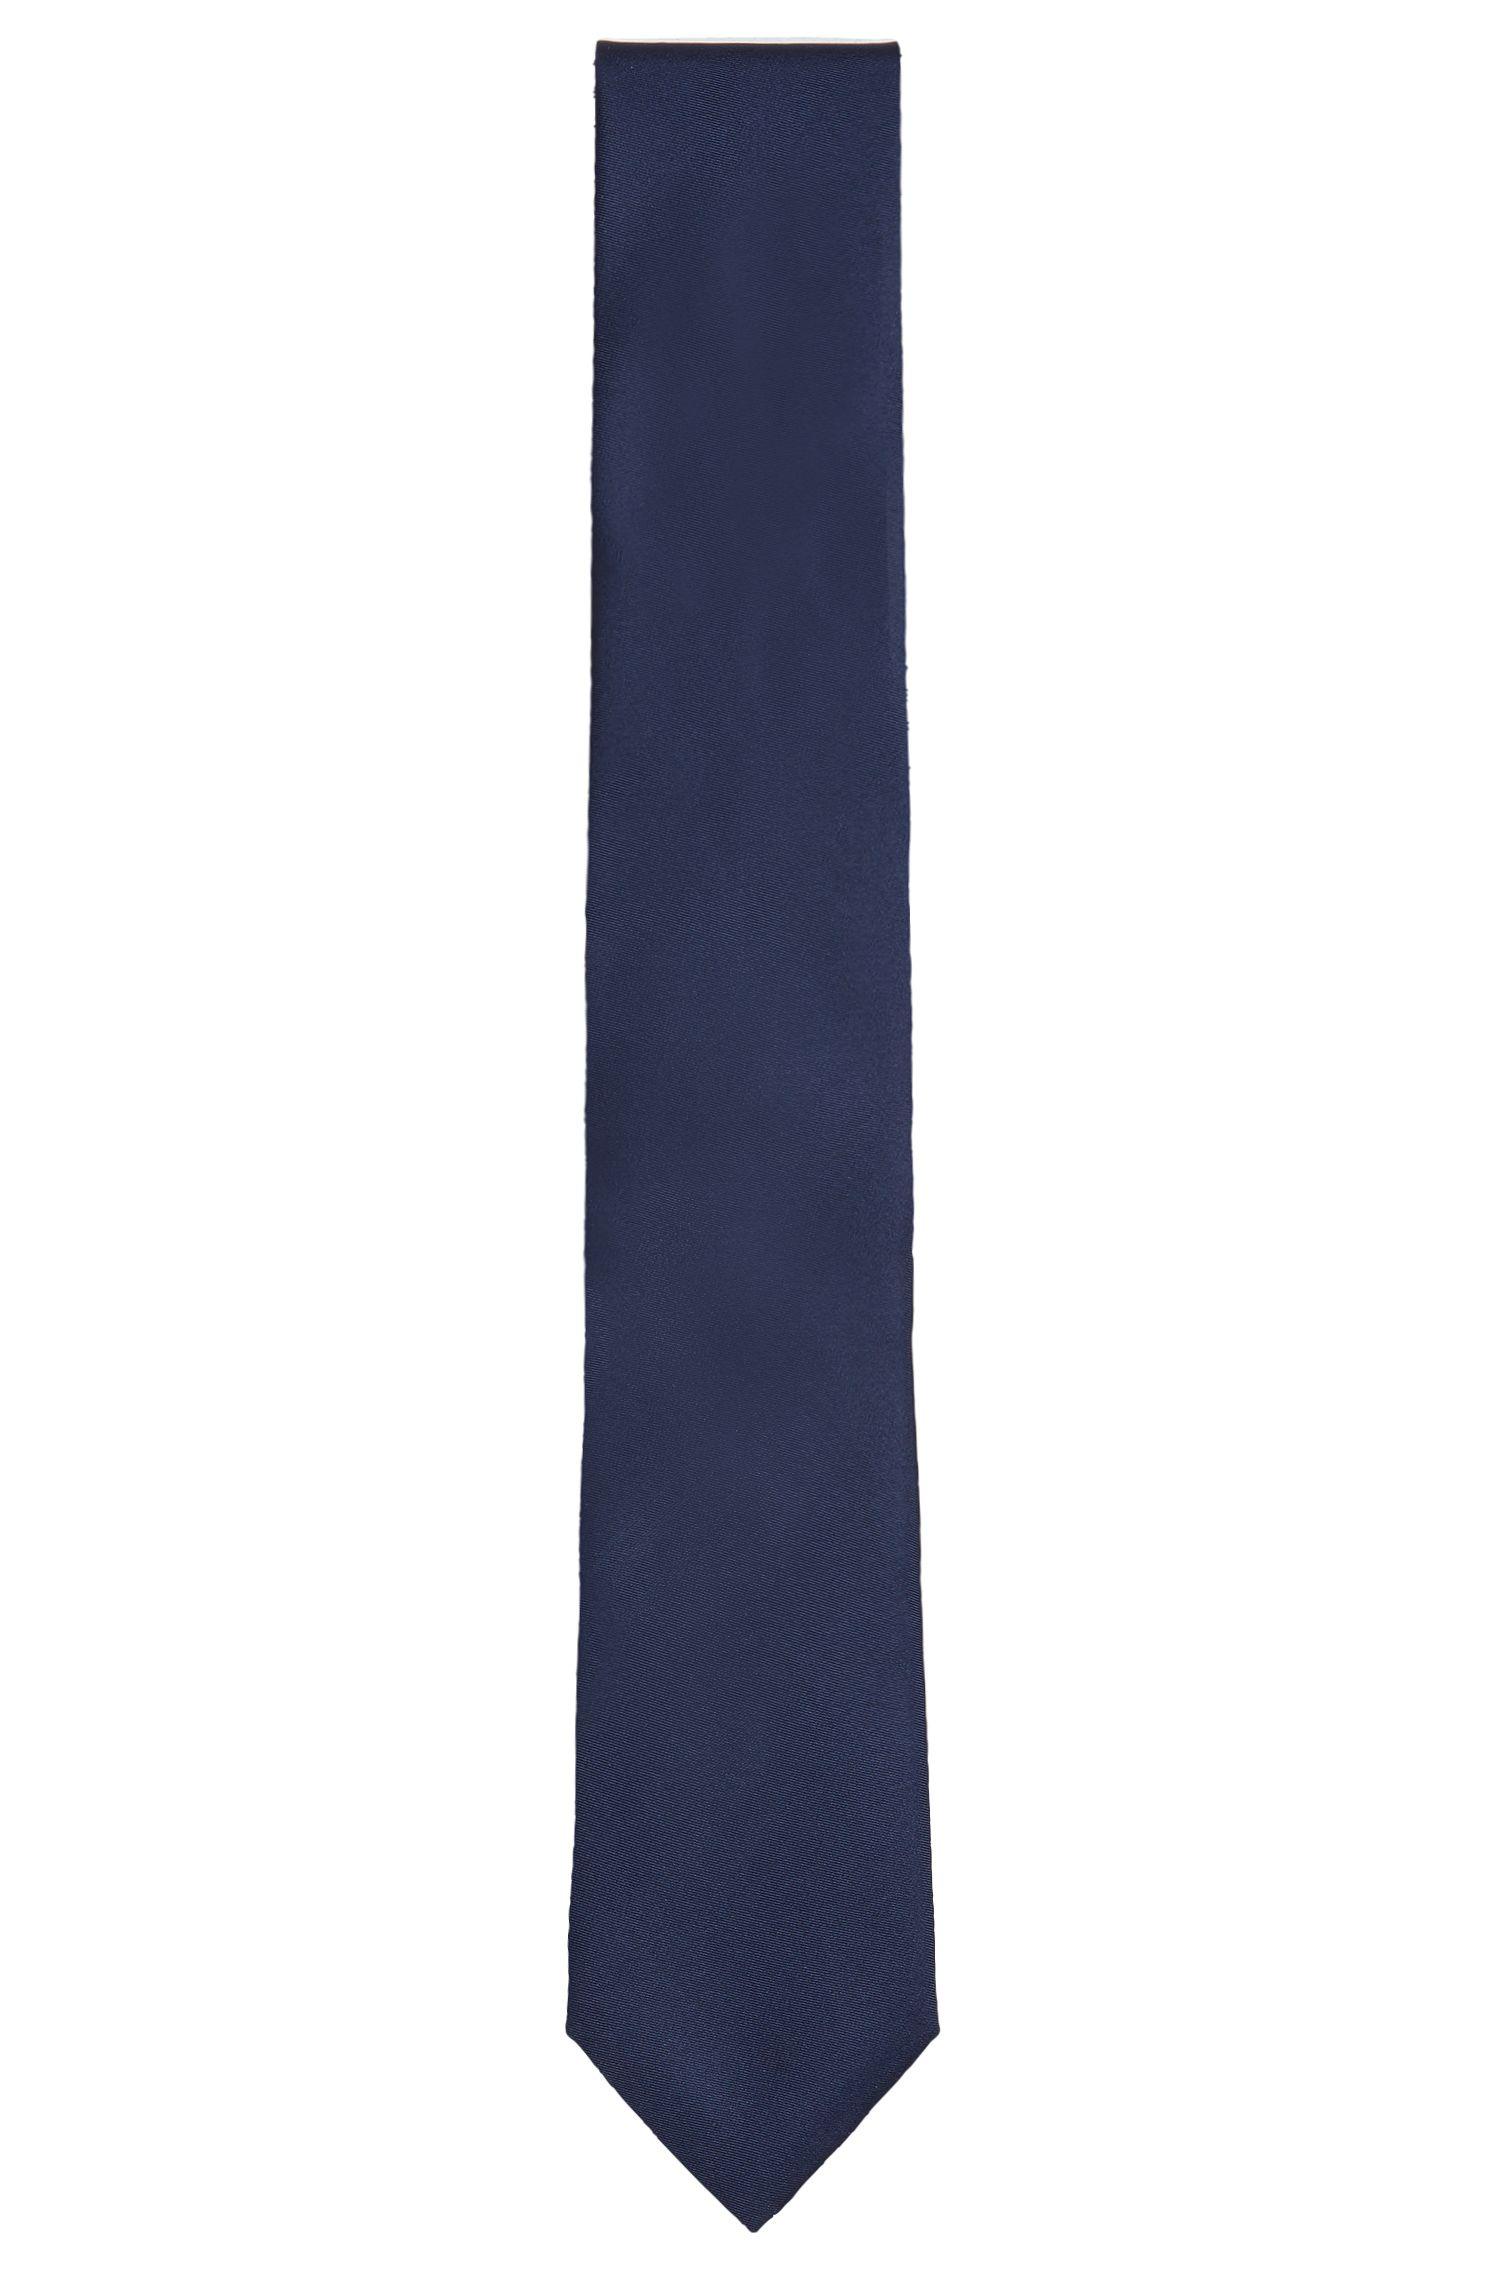 Effen, zijden stropdas met geribbelde structuur: 'Tie 7 cm'